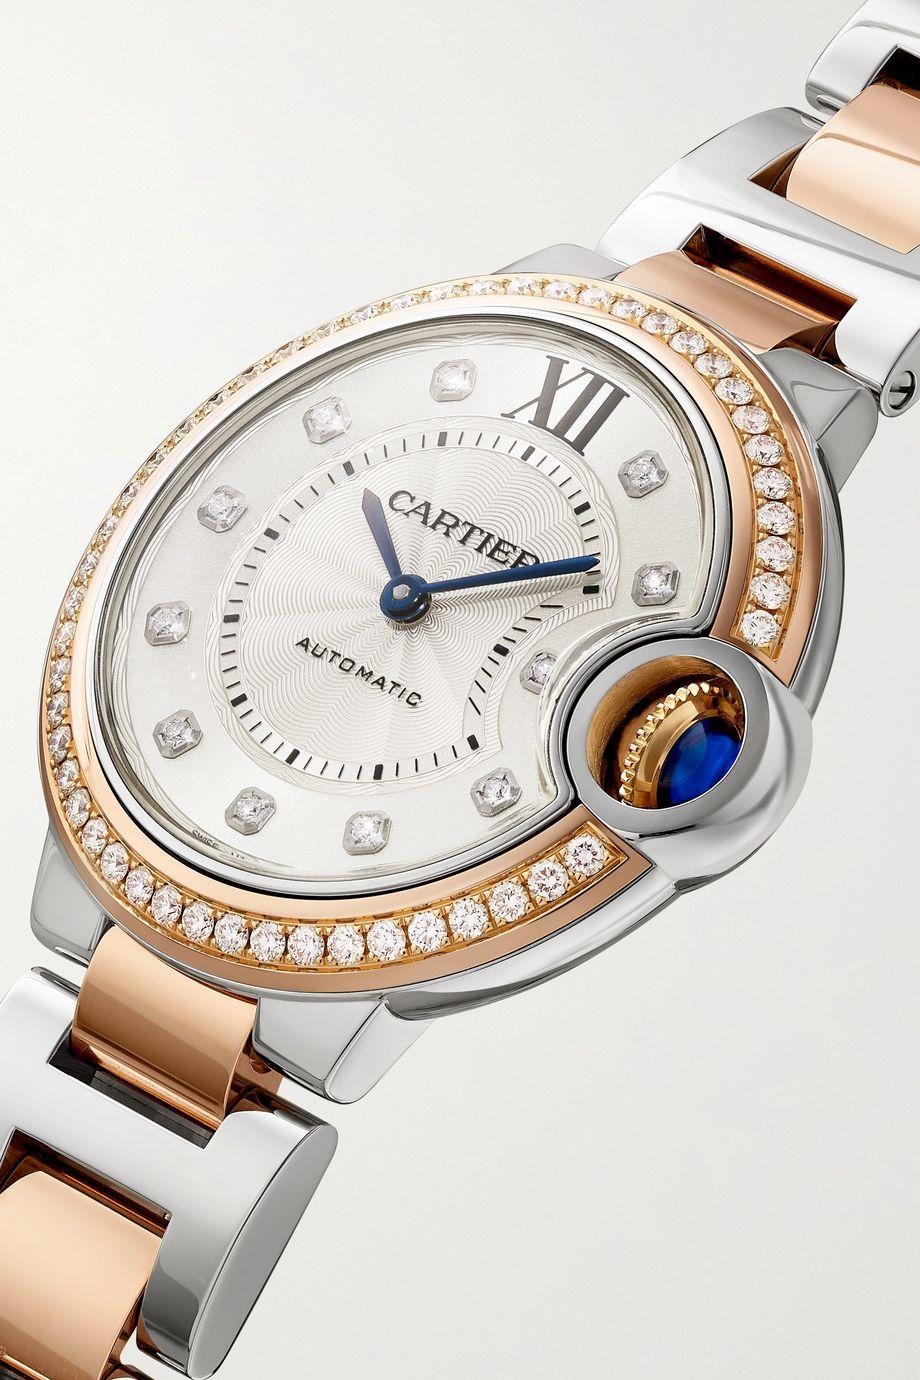 Cartier Ballon Bleu de Cartier 33 毫米 18K 玫瑰金自动上链精钢腕表